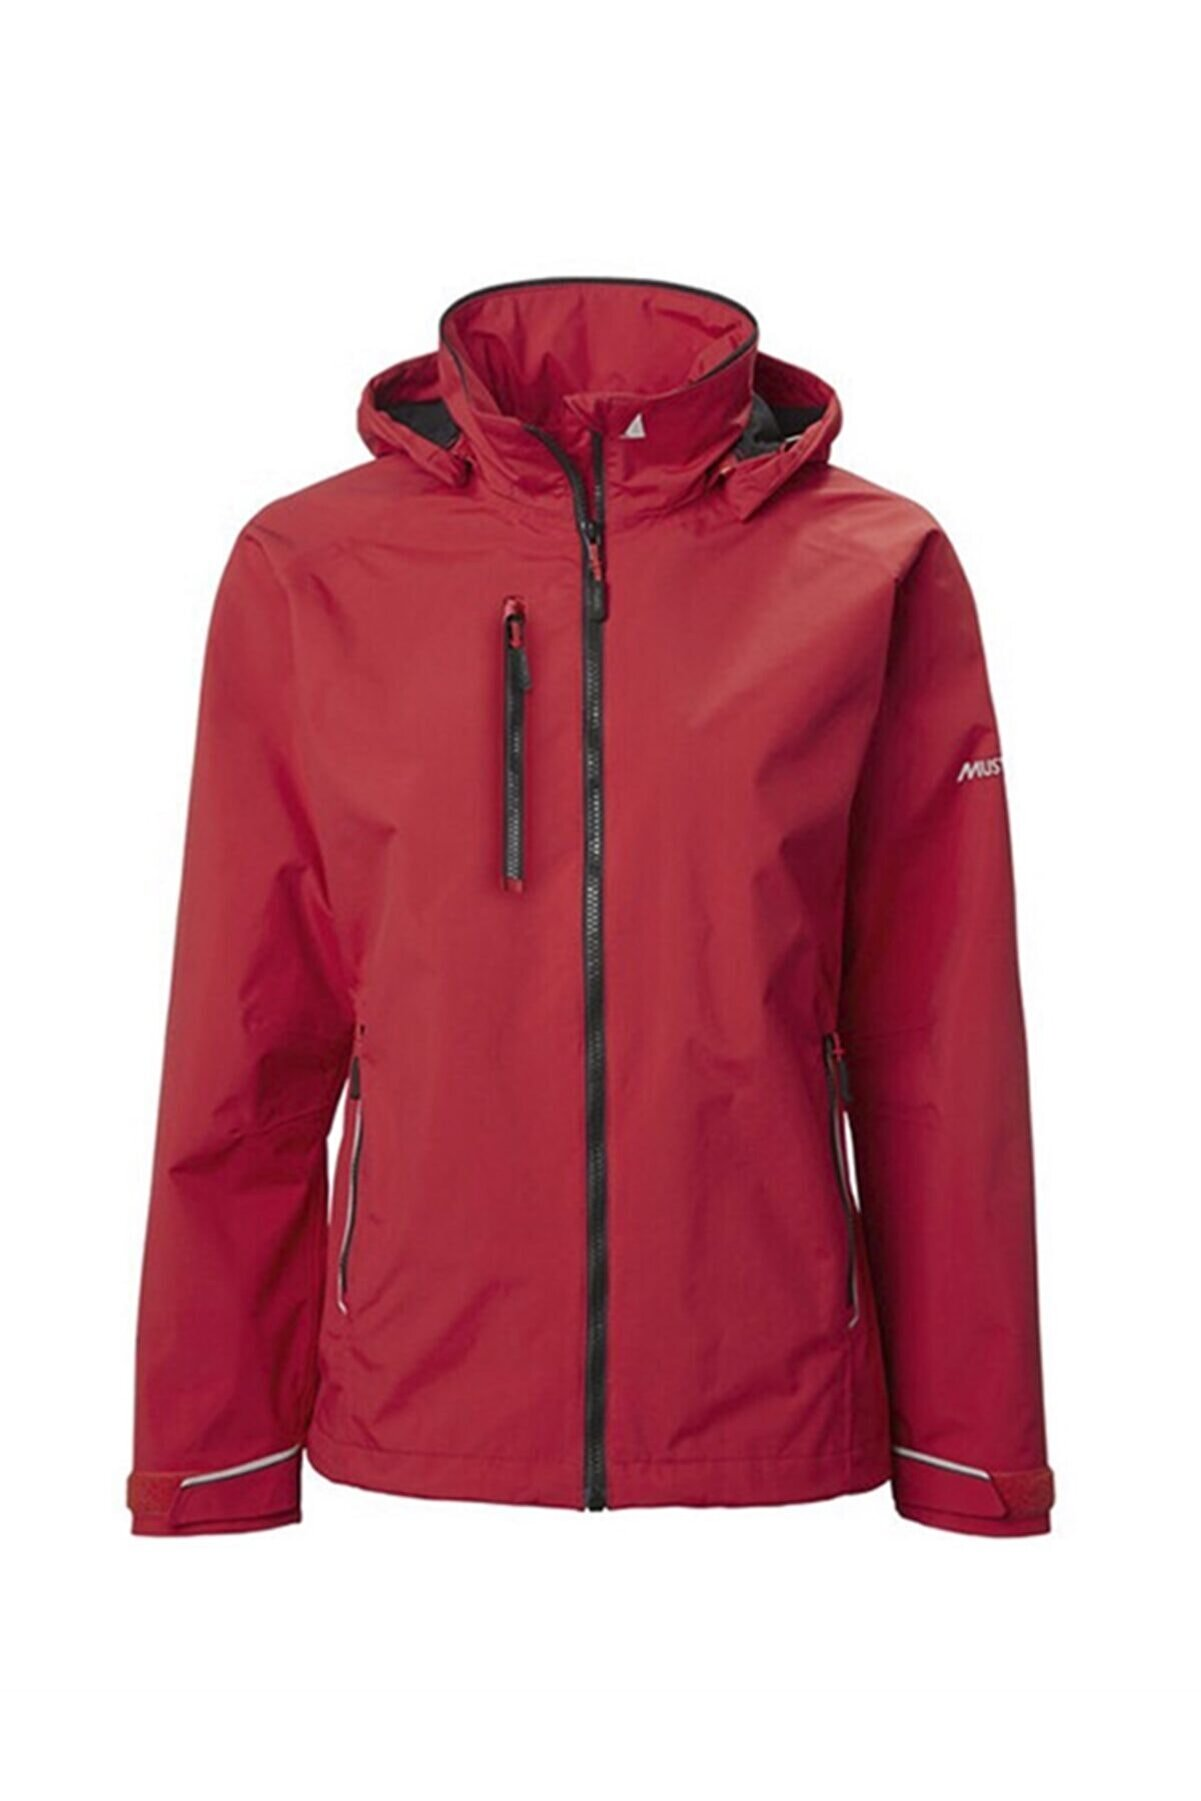 Musto Kadın Kırmızı Outdoor Mont Sardınıa Jkt 2.0 Fw